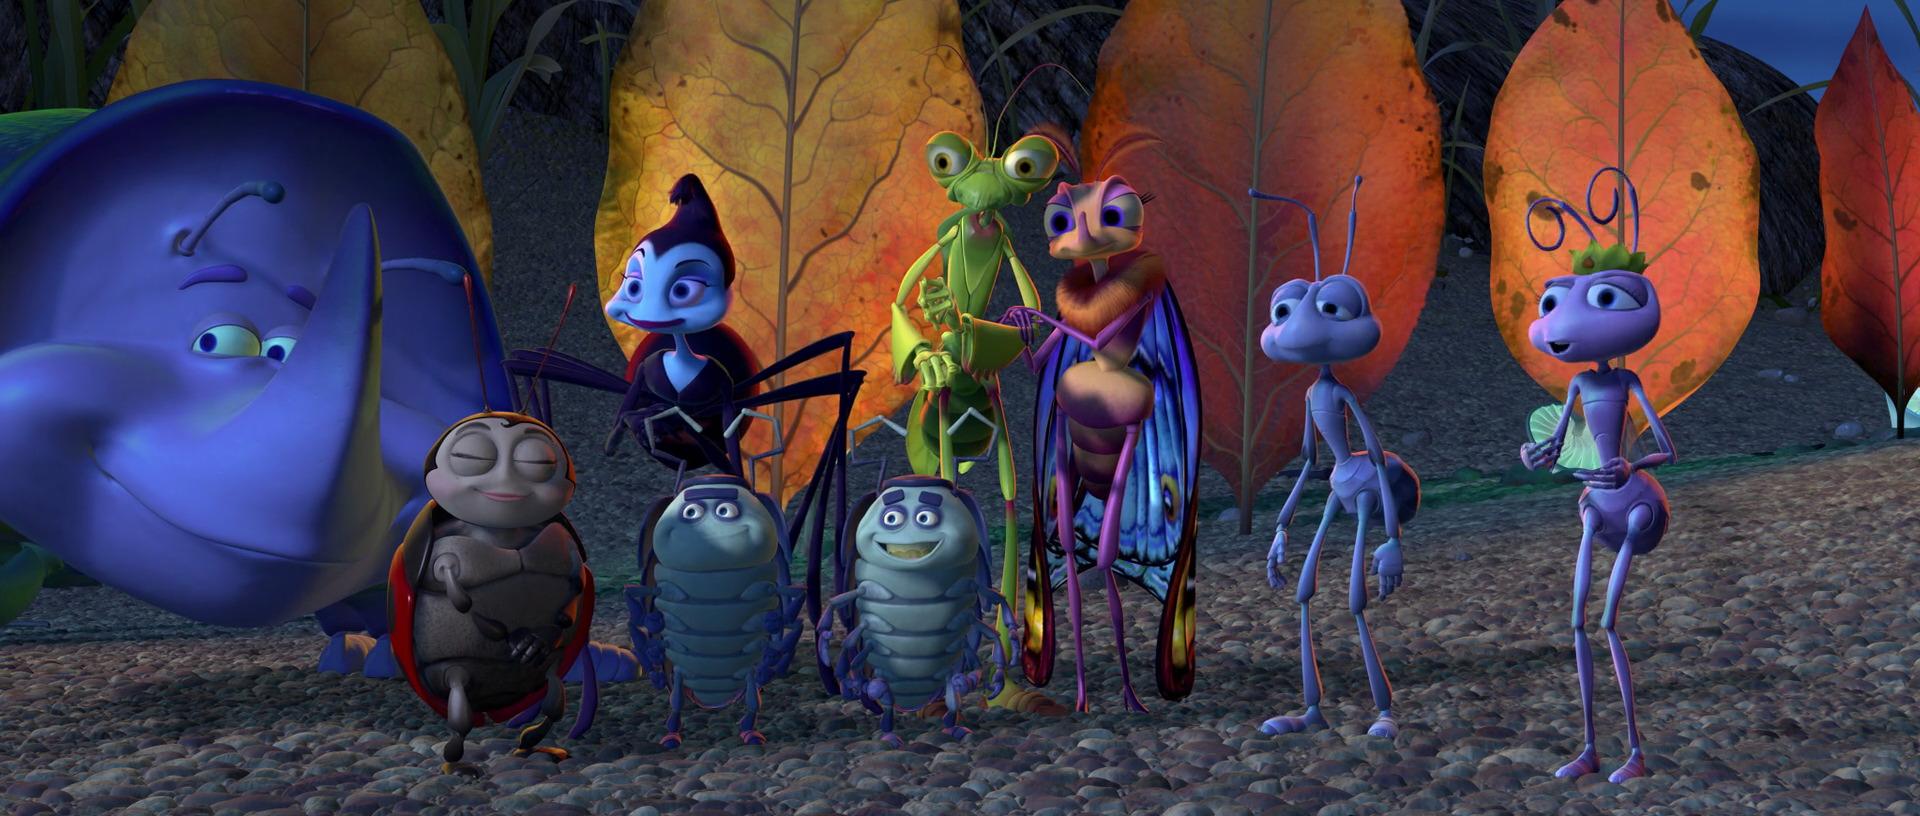 bugs-life-disneyscreencaps-1.com-6918.jpg